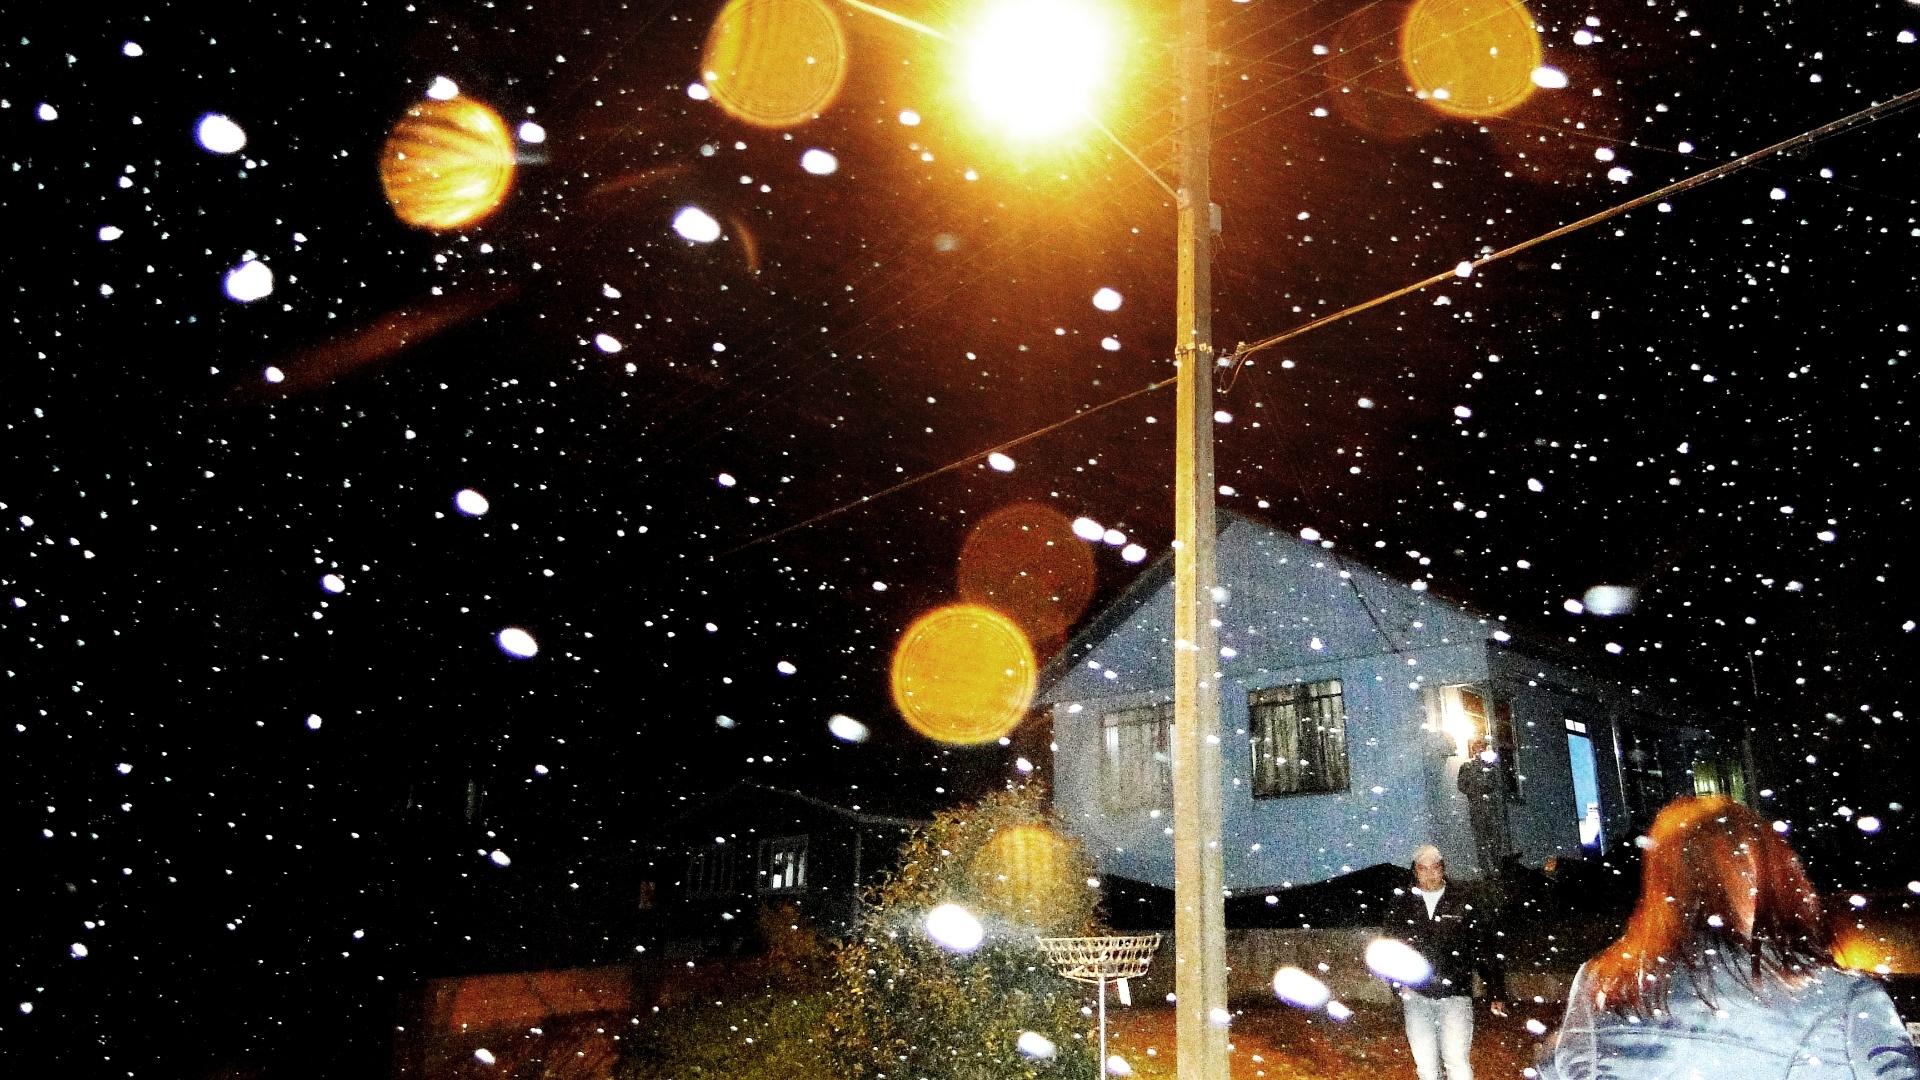 25.set.2012 - Neva em São Joaquim, na serra catarinense, no 3° dia de primavera